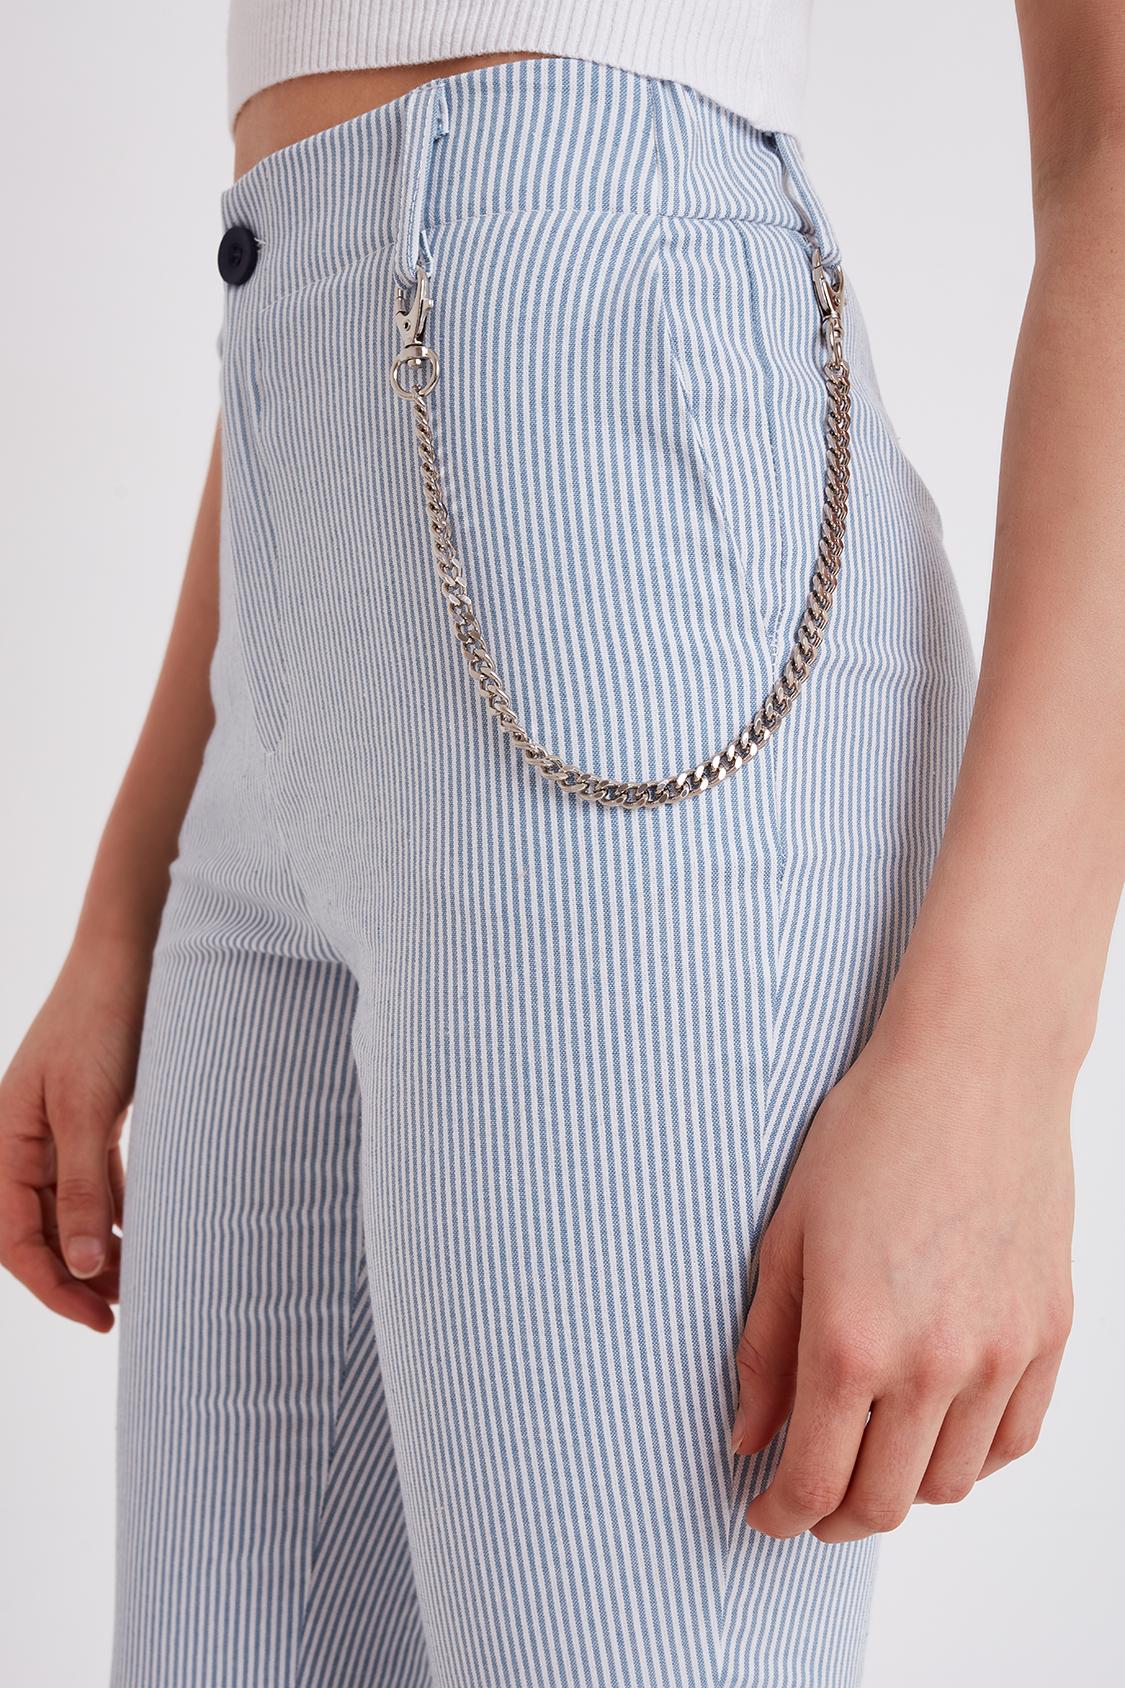 Pantaloni a righe con catena